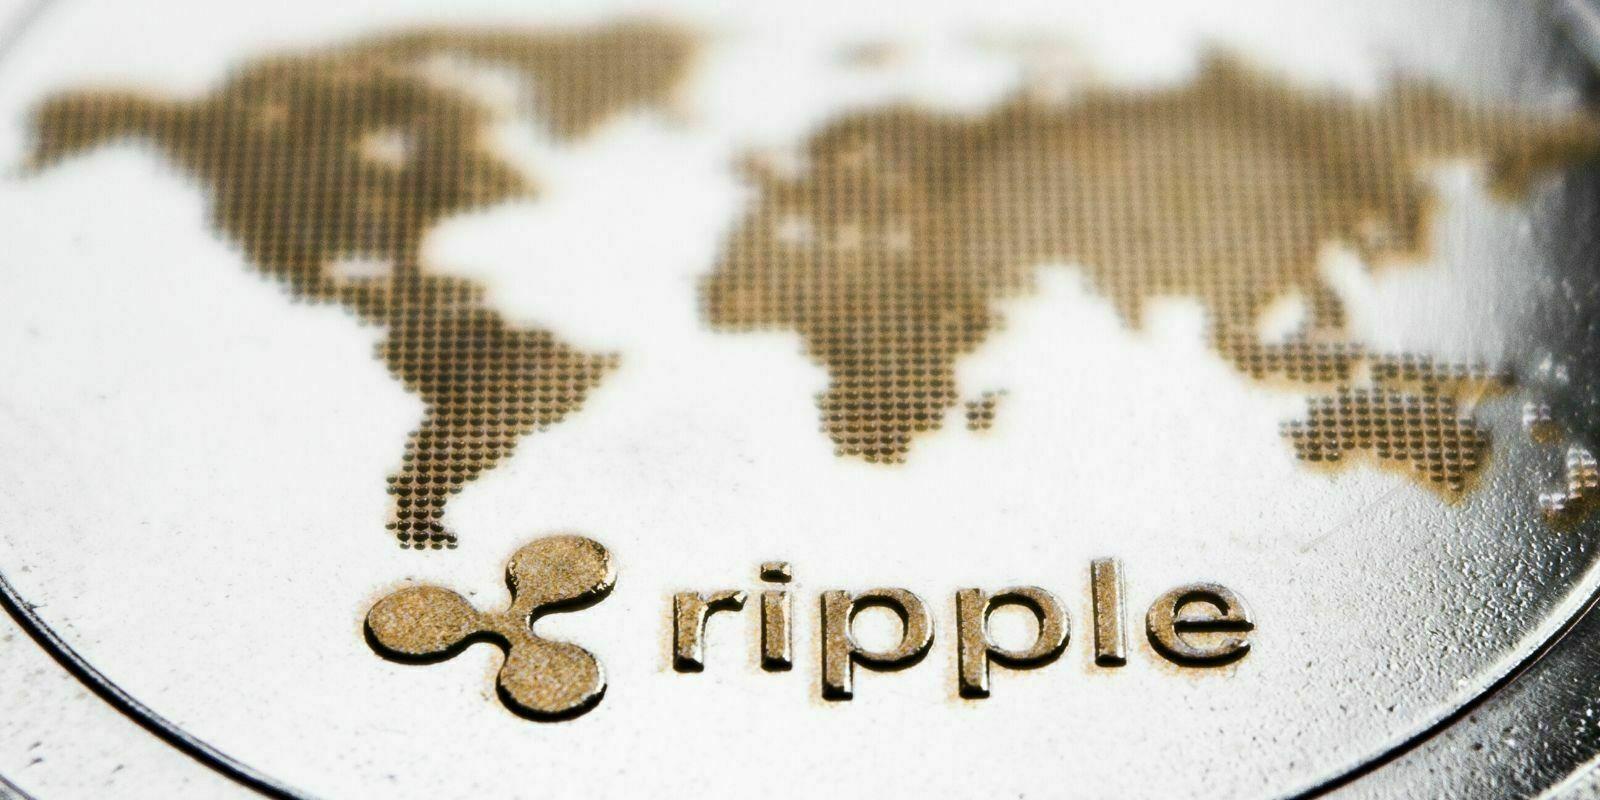 Australie : une université s'associe à Ripple pour donner des cours sur la blockchain